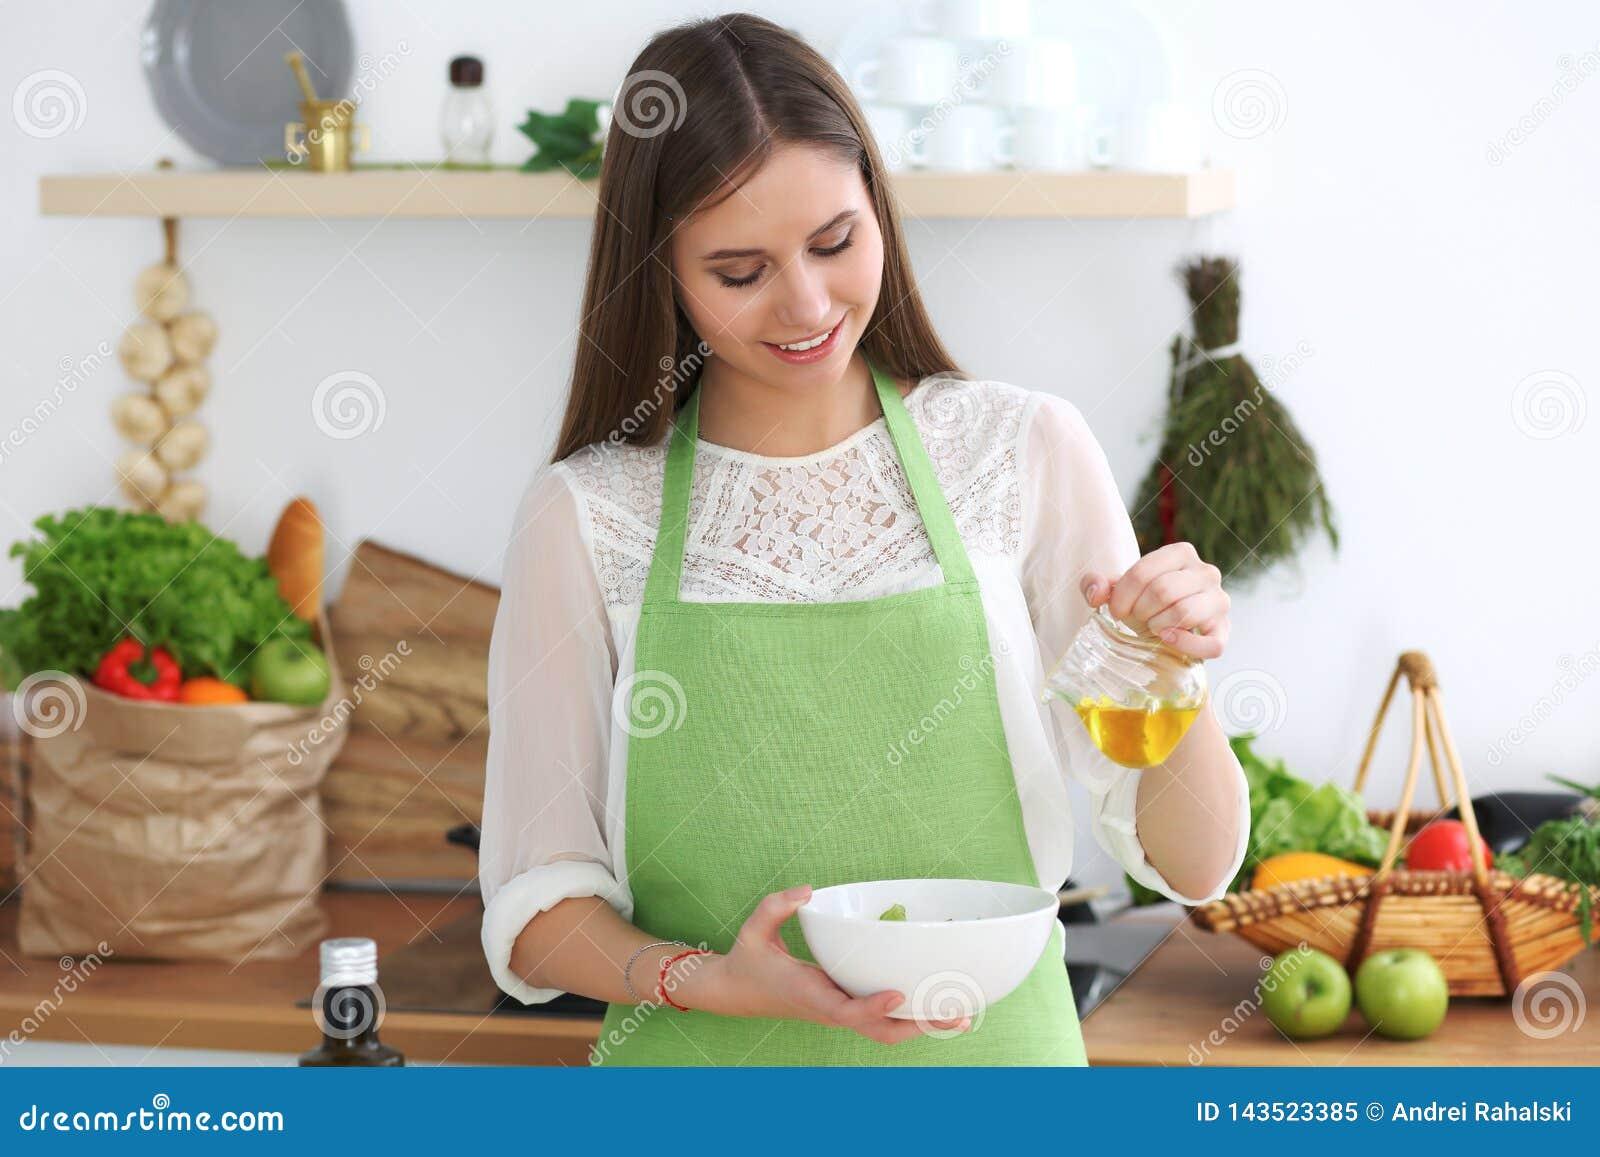 Młody szczęśliwy kobiety kucharstwo w kuchni Zdrowy posiłek, styl życia i kulinarni pojęcia, Dzień dobry zaczyna z świeżym